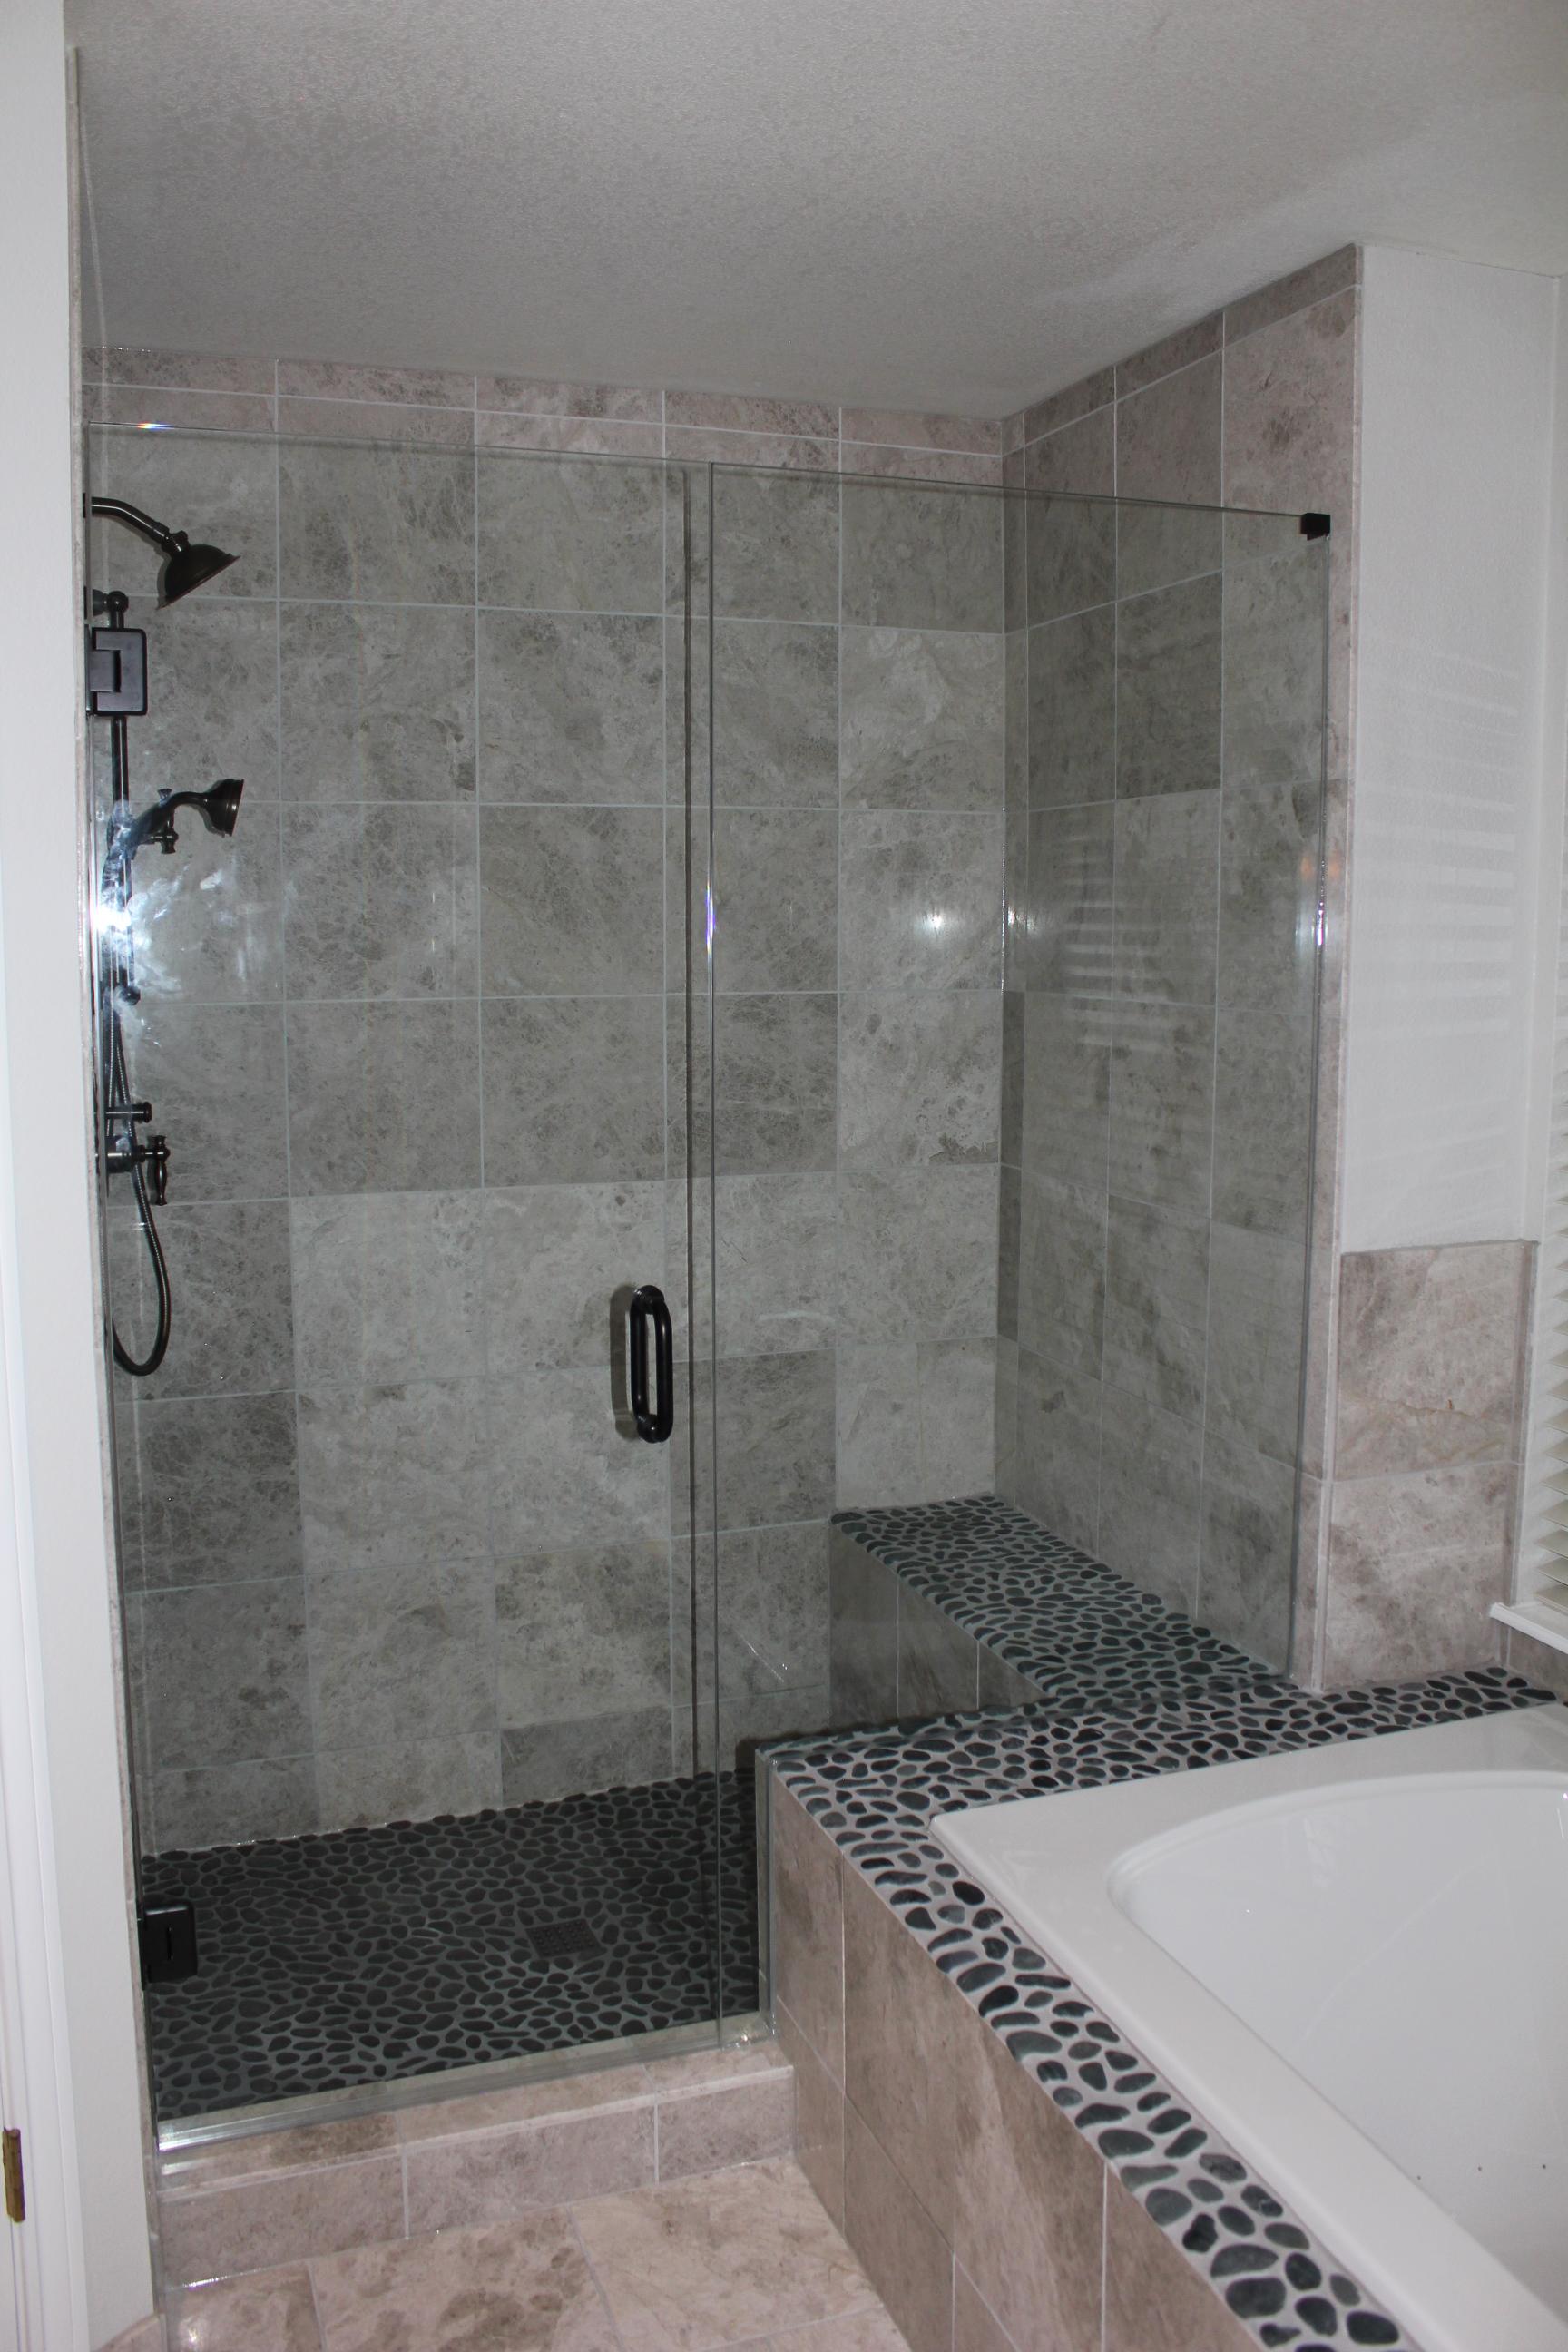 Bathroom Remodeling Littleton CoBathroom Remodeling Littleton Co - Littleton co bathroom remodel